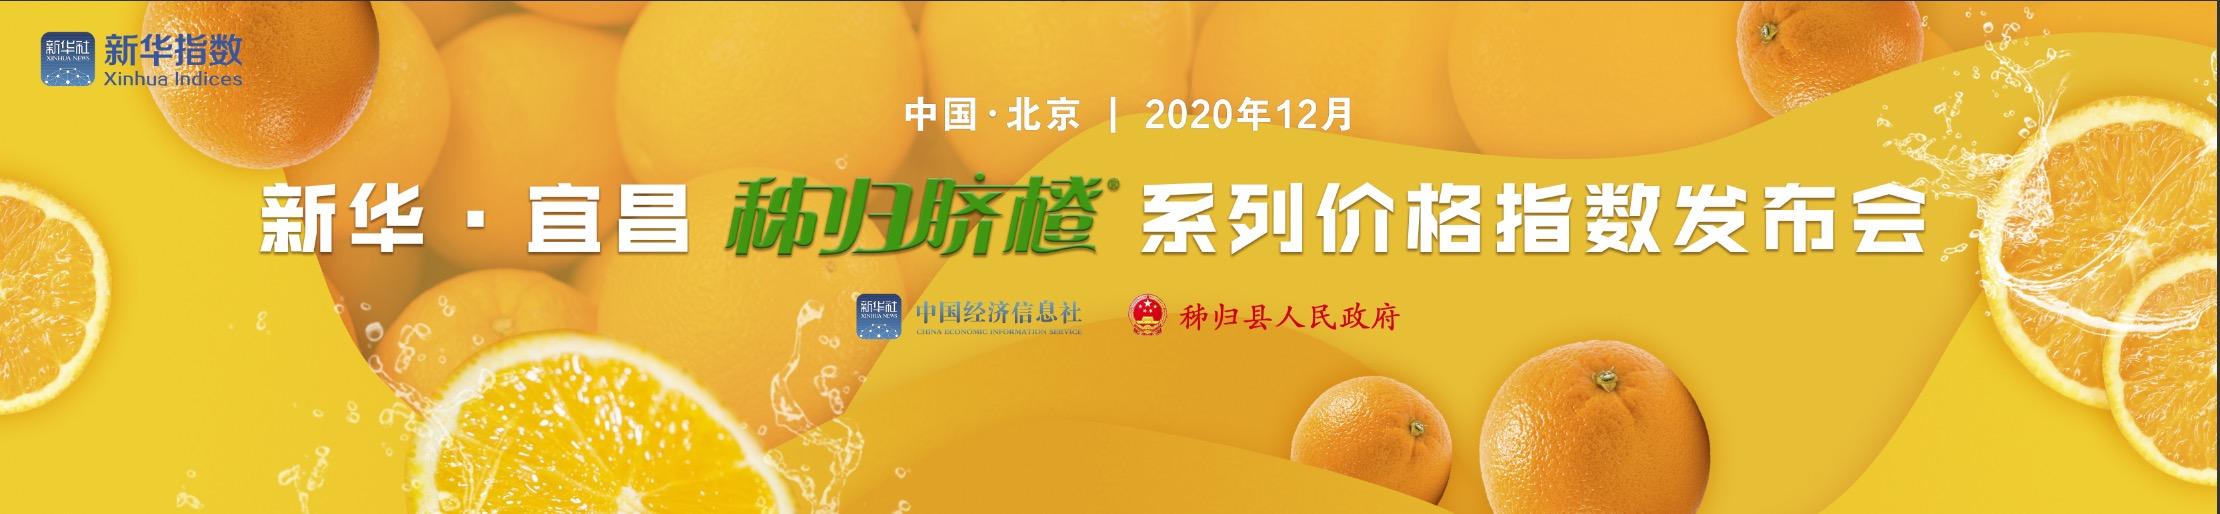 新华宜昌秭归脐橙系列价格指数发布会